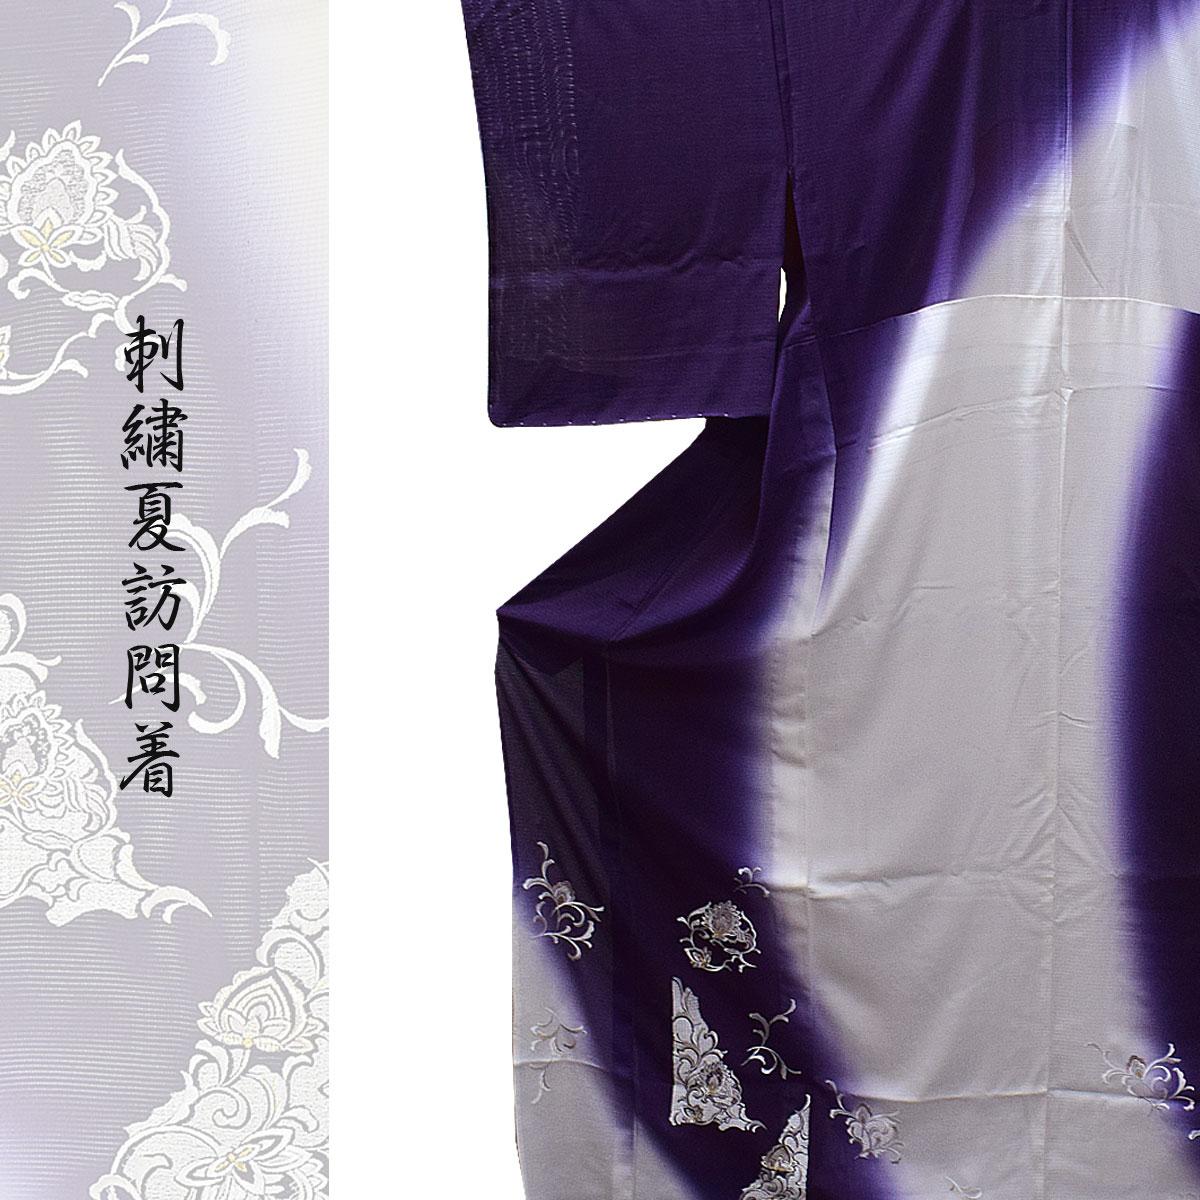 【夏】高級 仕立て上がり 刺繍 訪問着 駒絽 Мサイズ結婚式 パーティー 礼装用 紫 白 金 銀 ぼかし番号g712-200